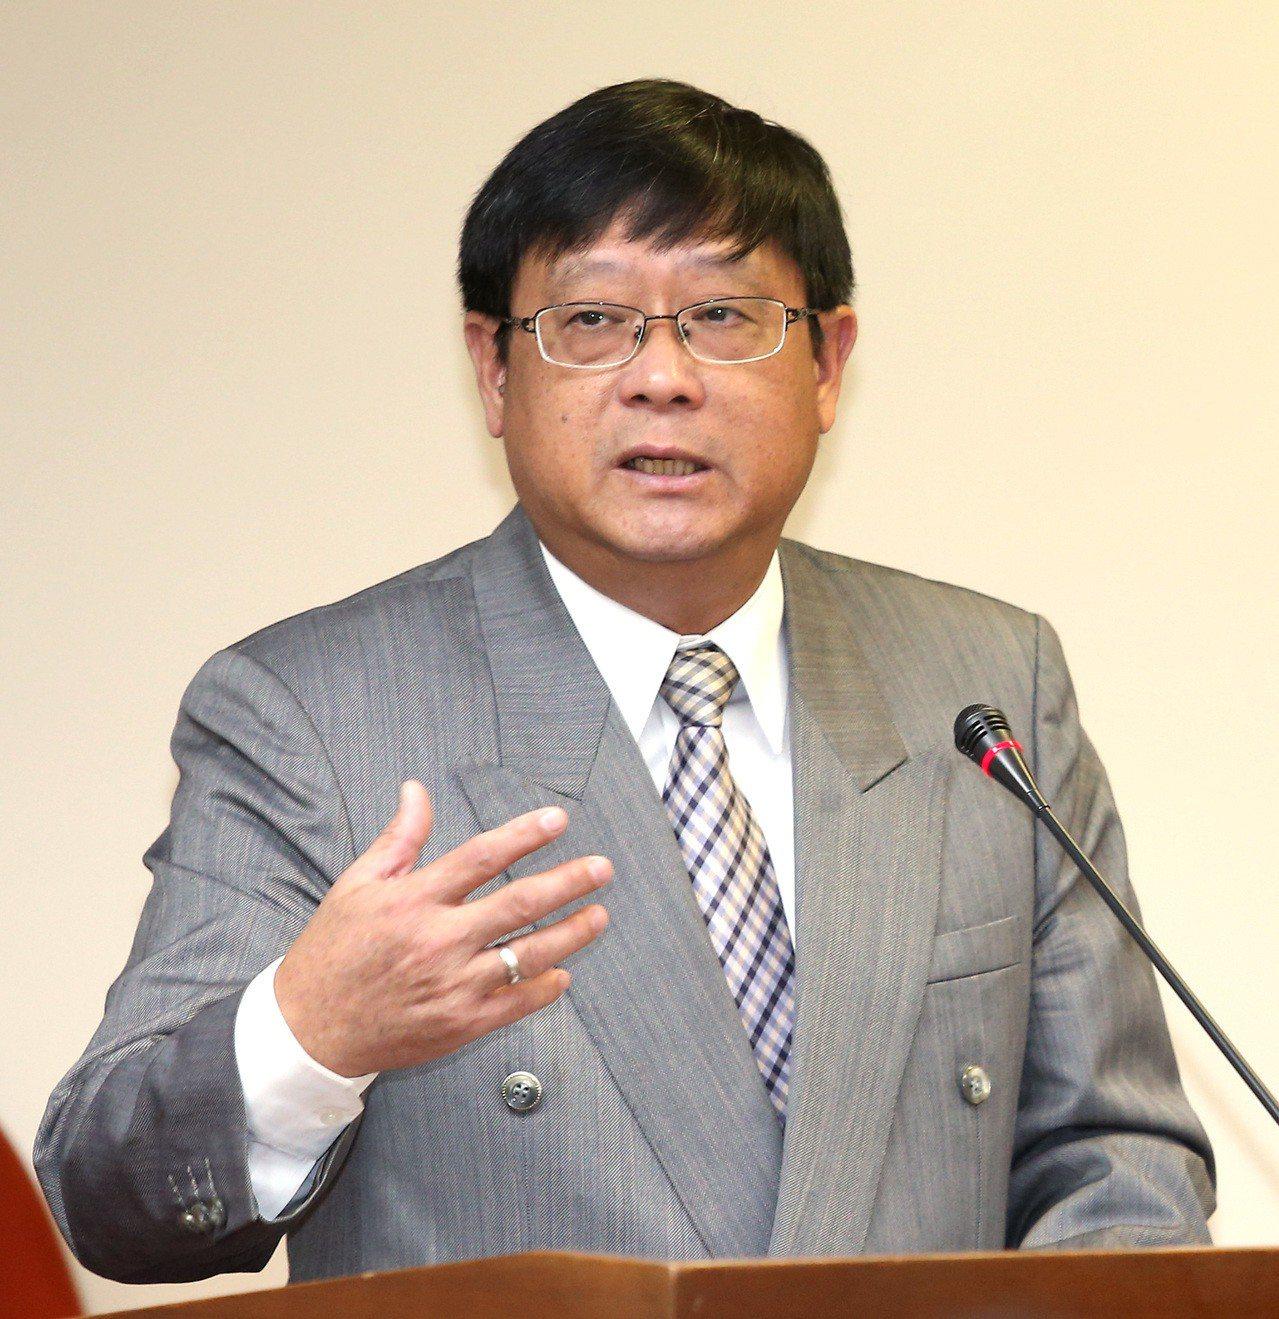 張子敬升任環保署長。 聯合報系資料照/記者林澔一攝影